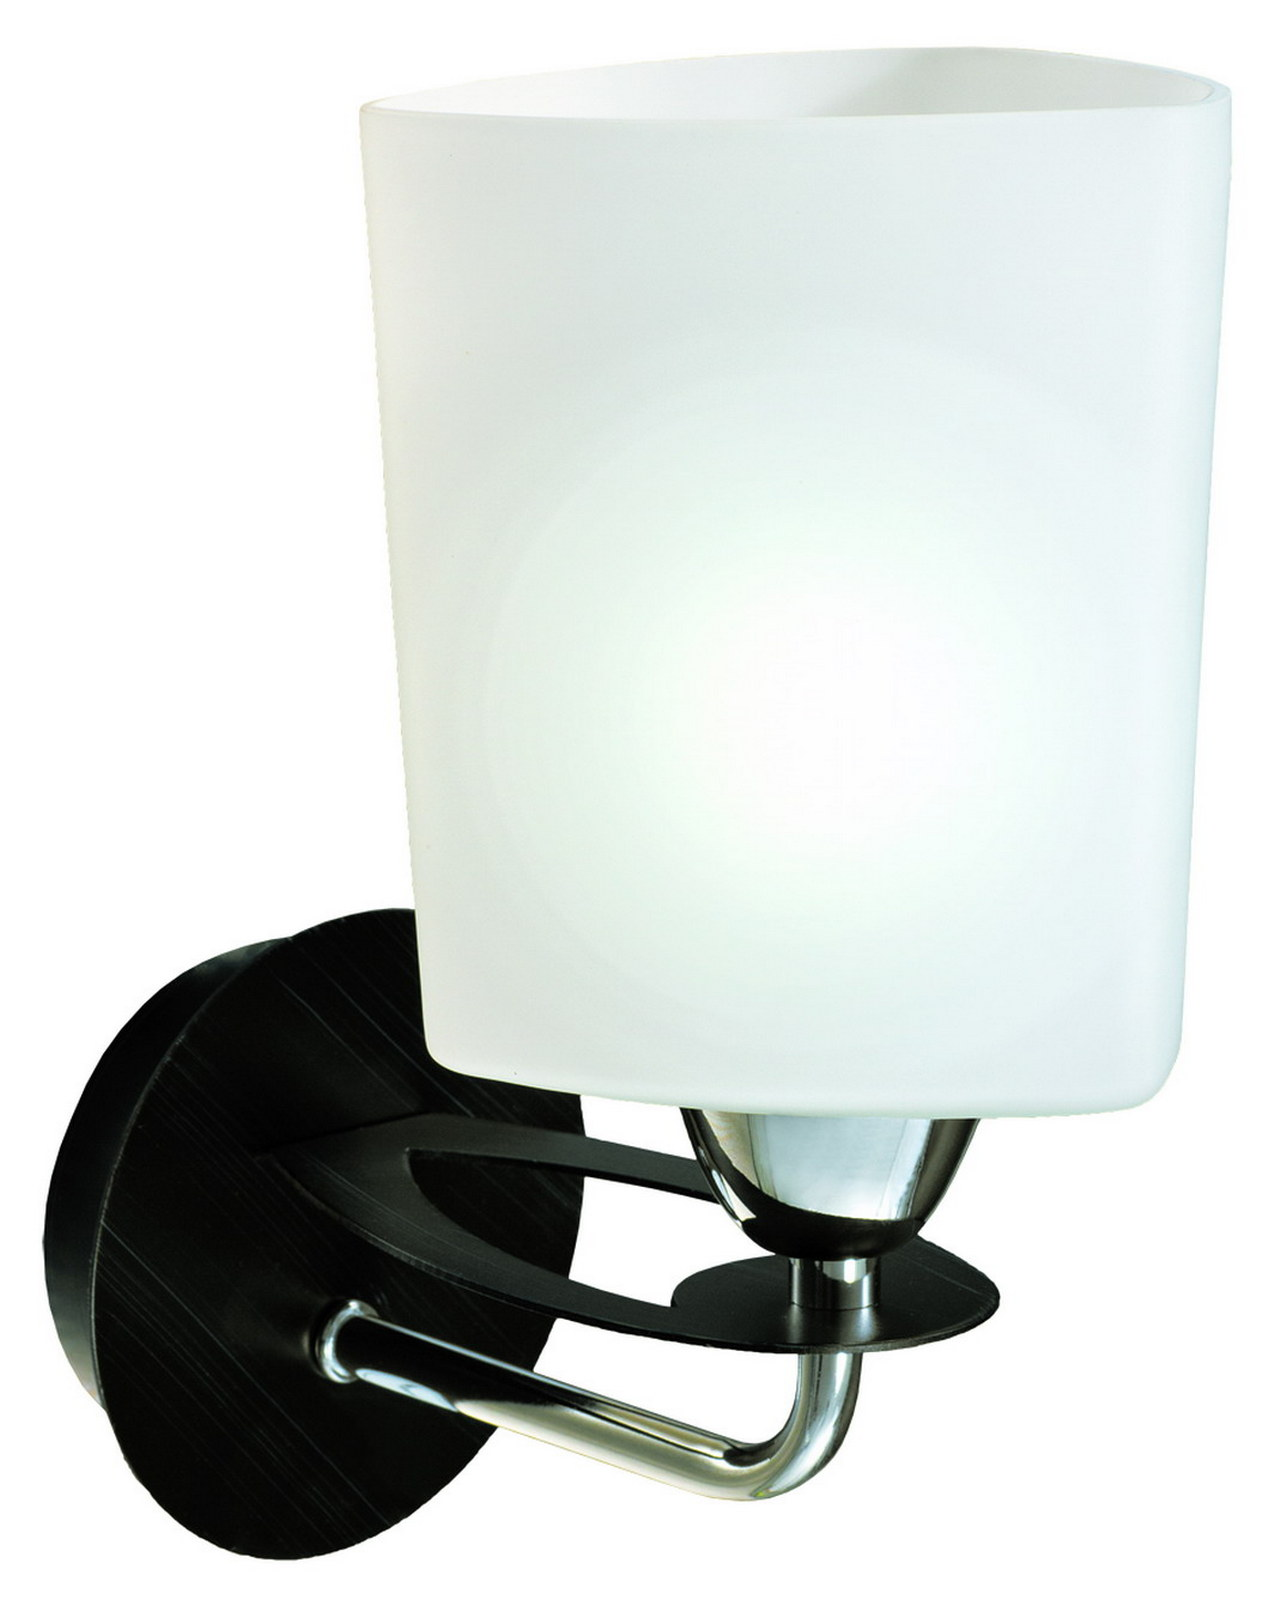 Бра МАКСИСВЕТНастенные светильники и бра<br>Тип: бра,<br>Назначение светильника: для гостиной,<br>Стиль светильника: модерн,<br>Материал светильника: металл, дерево, стекло,<br>Тип лампы: накаливания,<br>Количество ламп: 1,<br>Мощность: 40,<br>Патрон: Е14,<br>Цвет арматуры: хром,<br>Ширина: 115,<br>Высота: 180,<br>Удаление от стены: 230<br>